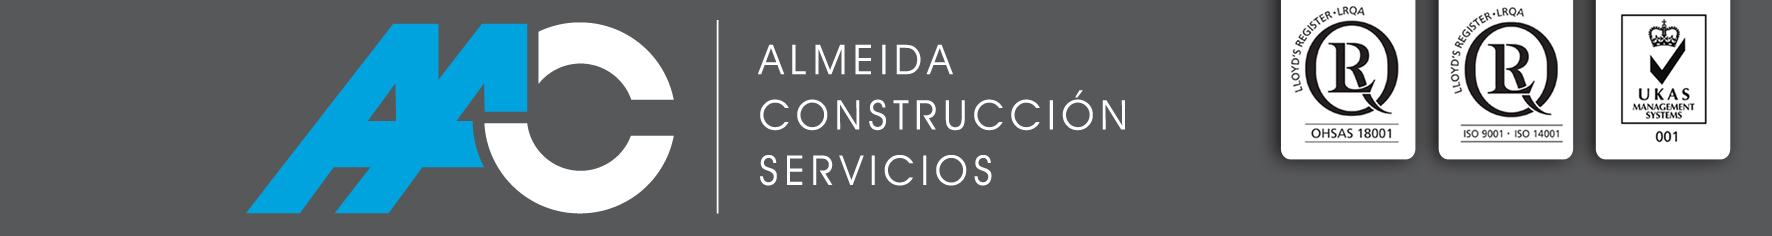 Almeida Instalaciones y obras